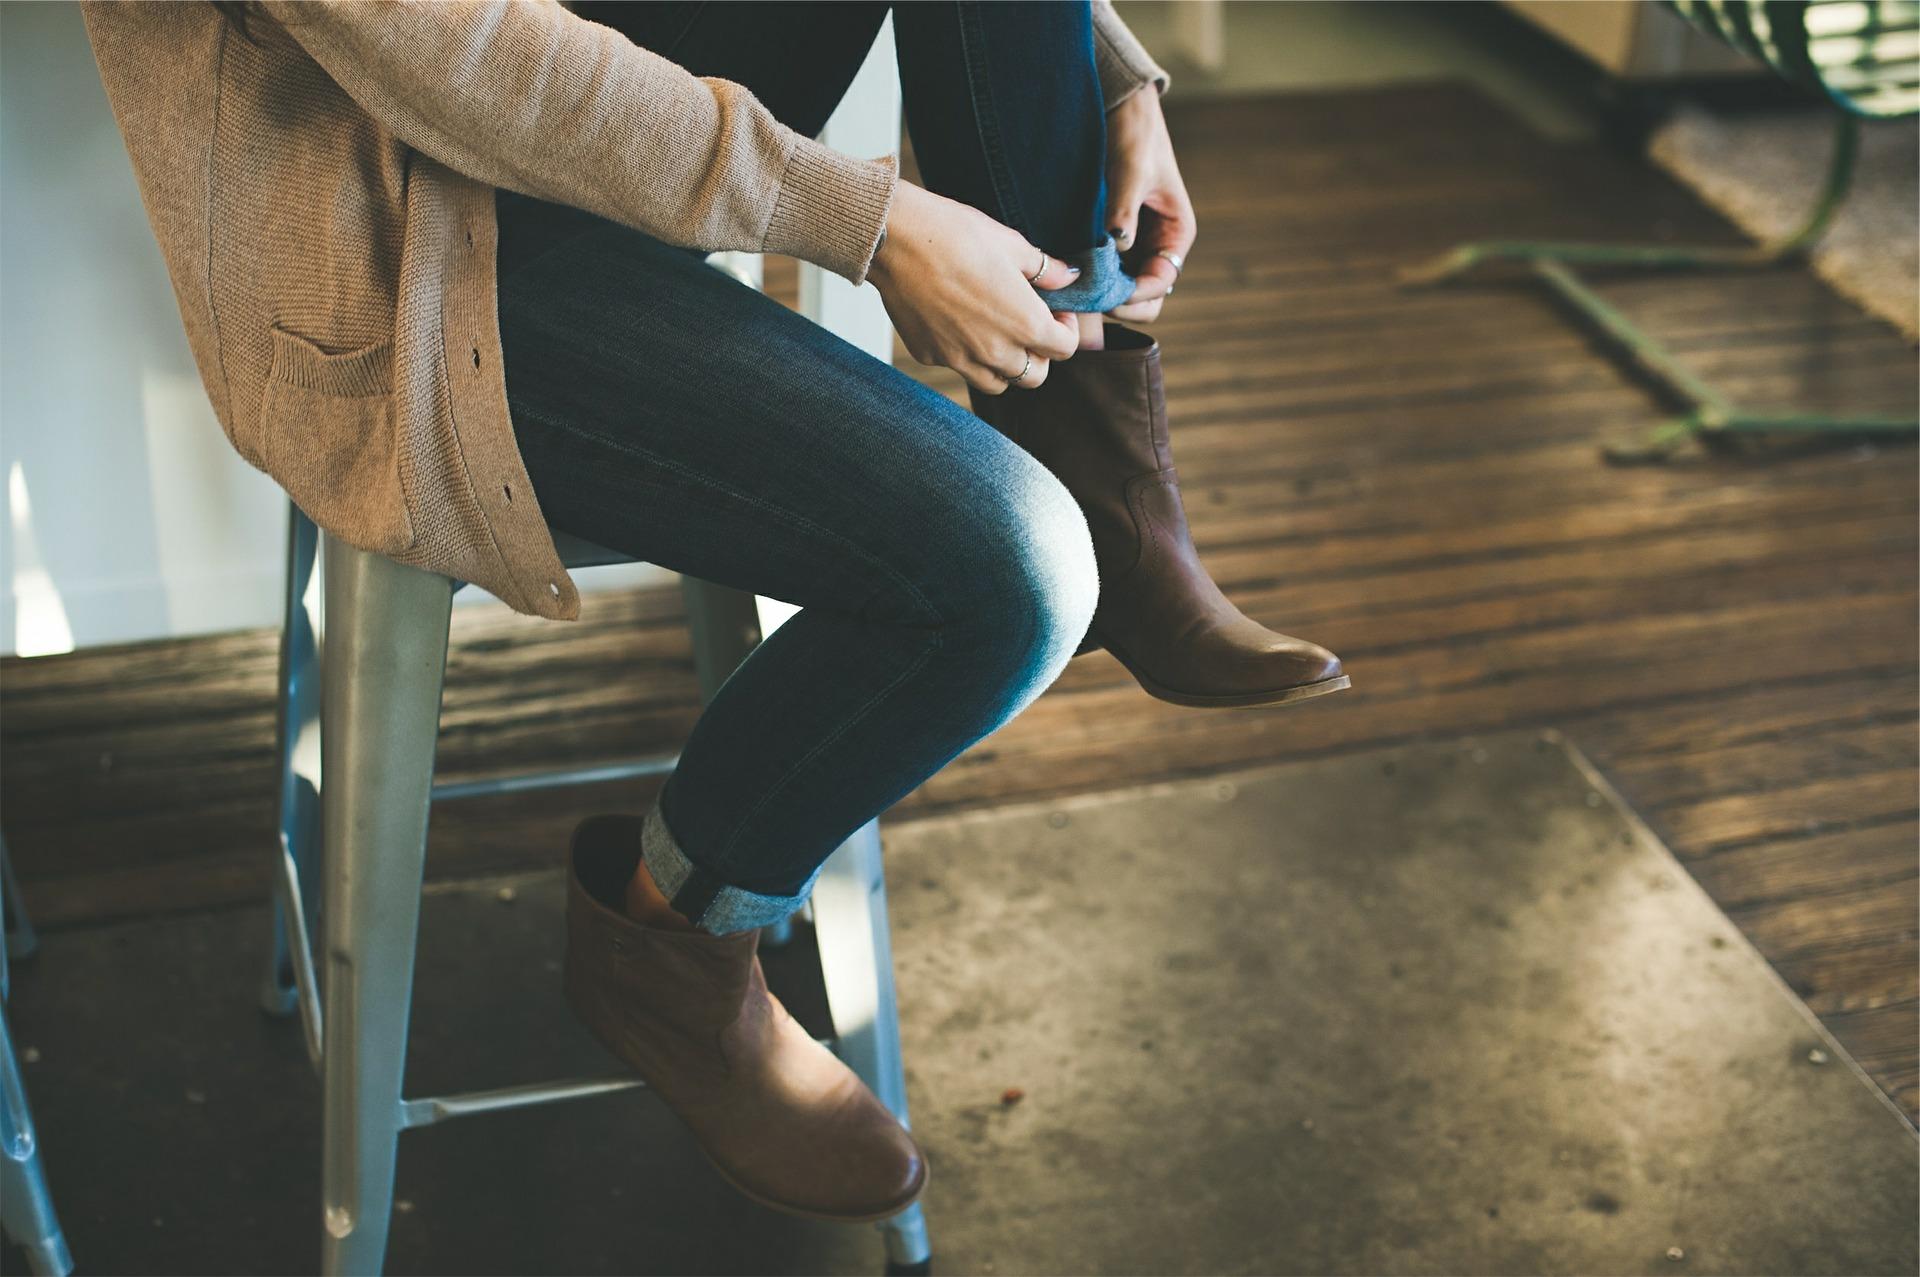 Por Qué Querol PielBlog Comprar De Zapatos 8ny0PmOvNw